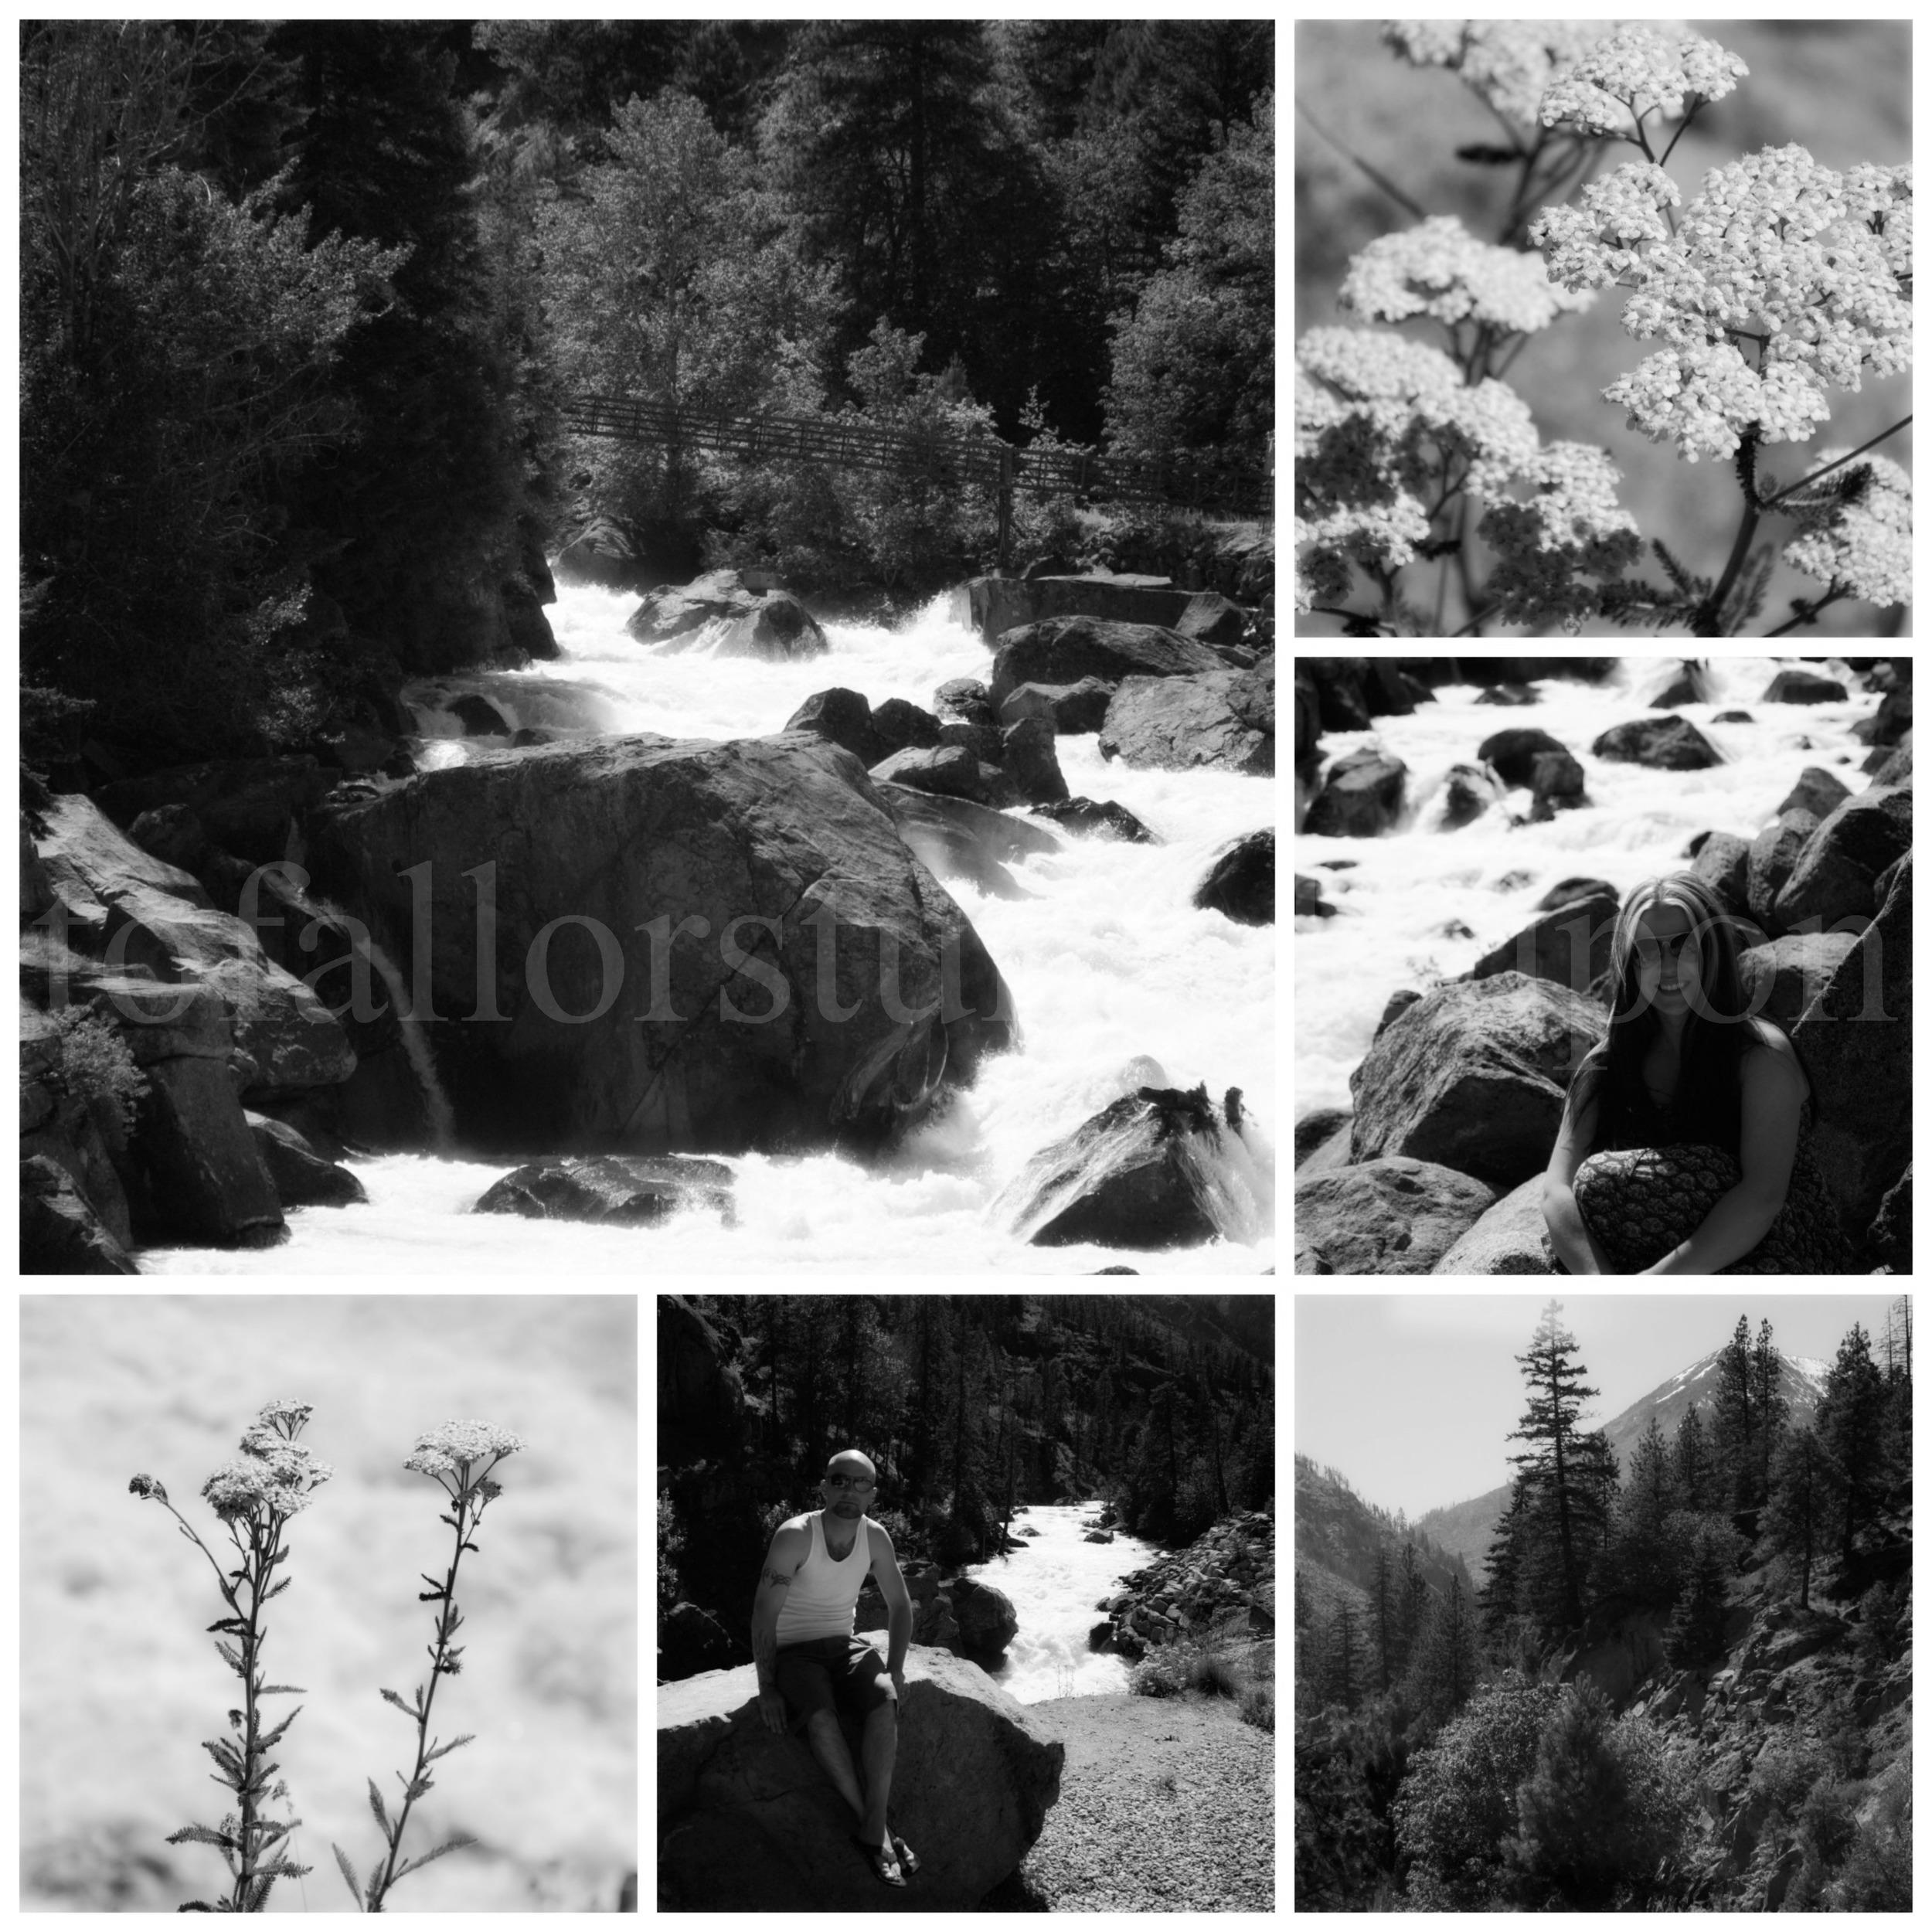 PicMonkey Collage 12 a.jpg